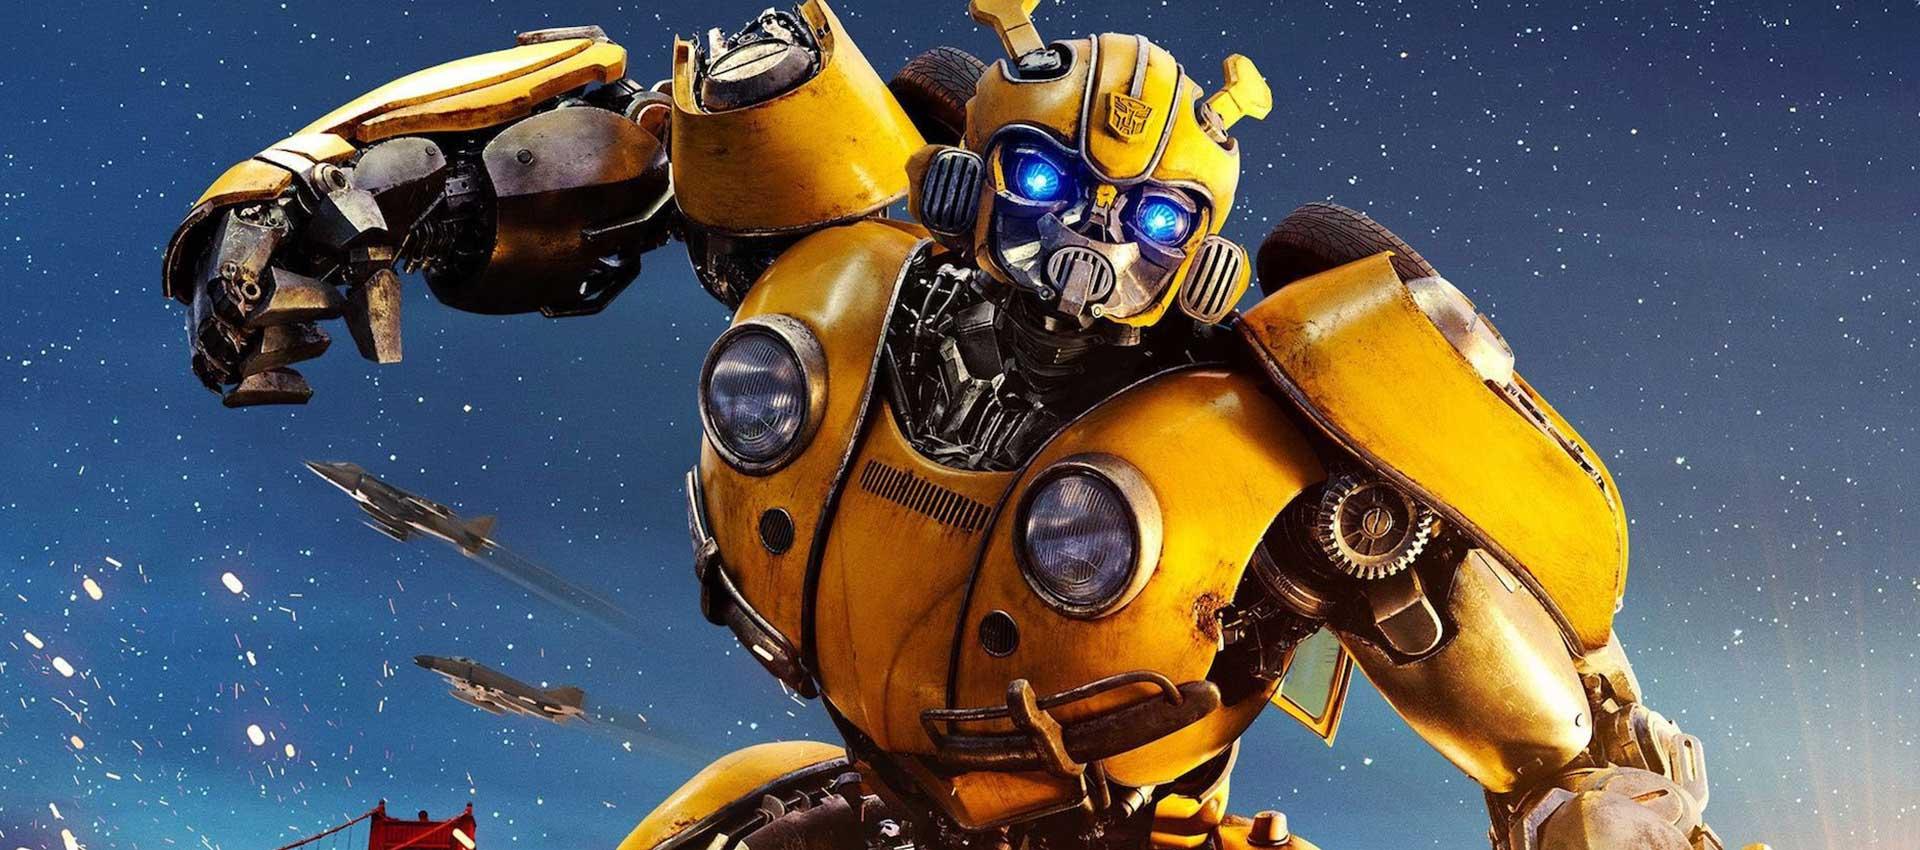 Bumblebee İzle türkçe izle hd izle